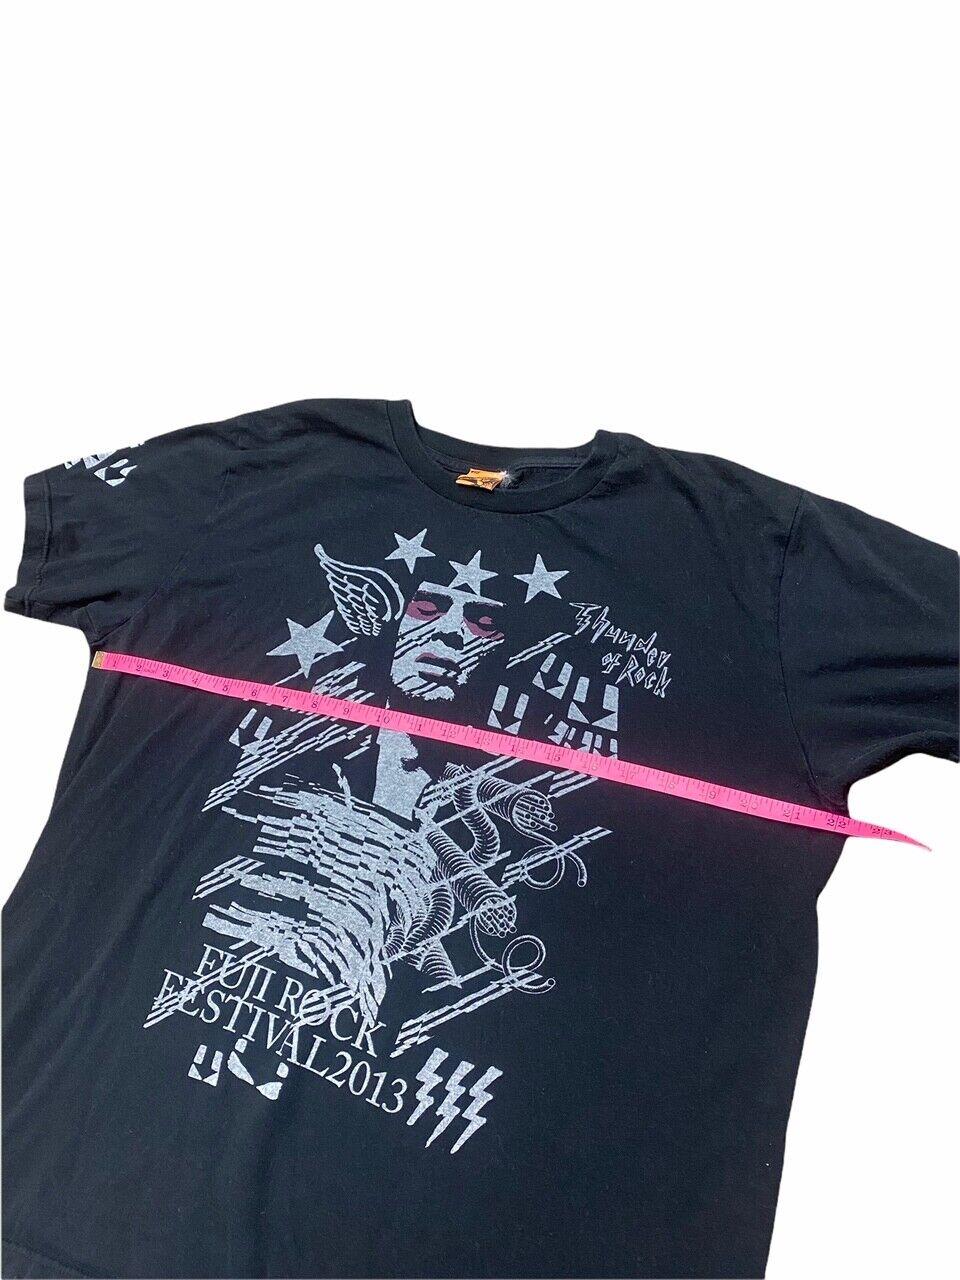 Fuji Rock Festival 2013 Black Extra Large XL T-Sh… - image 3